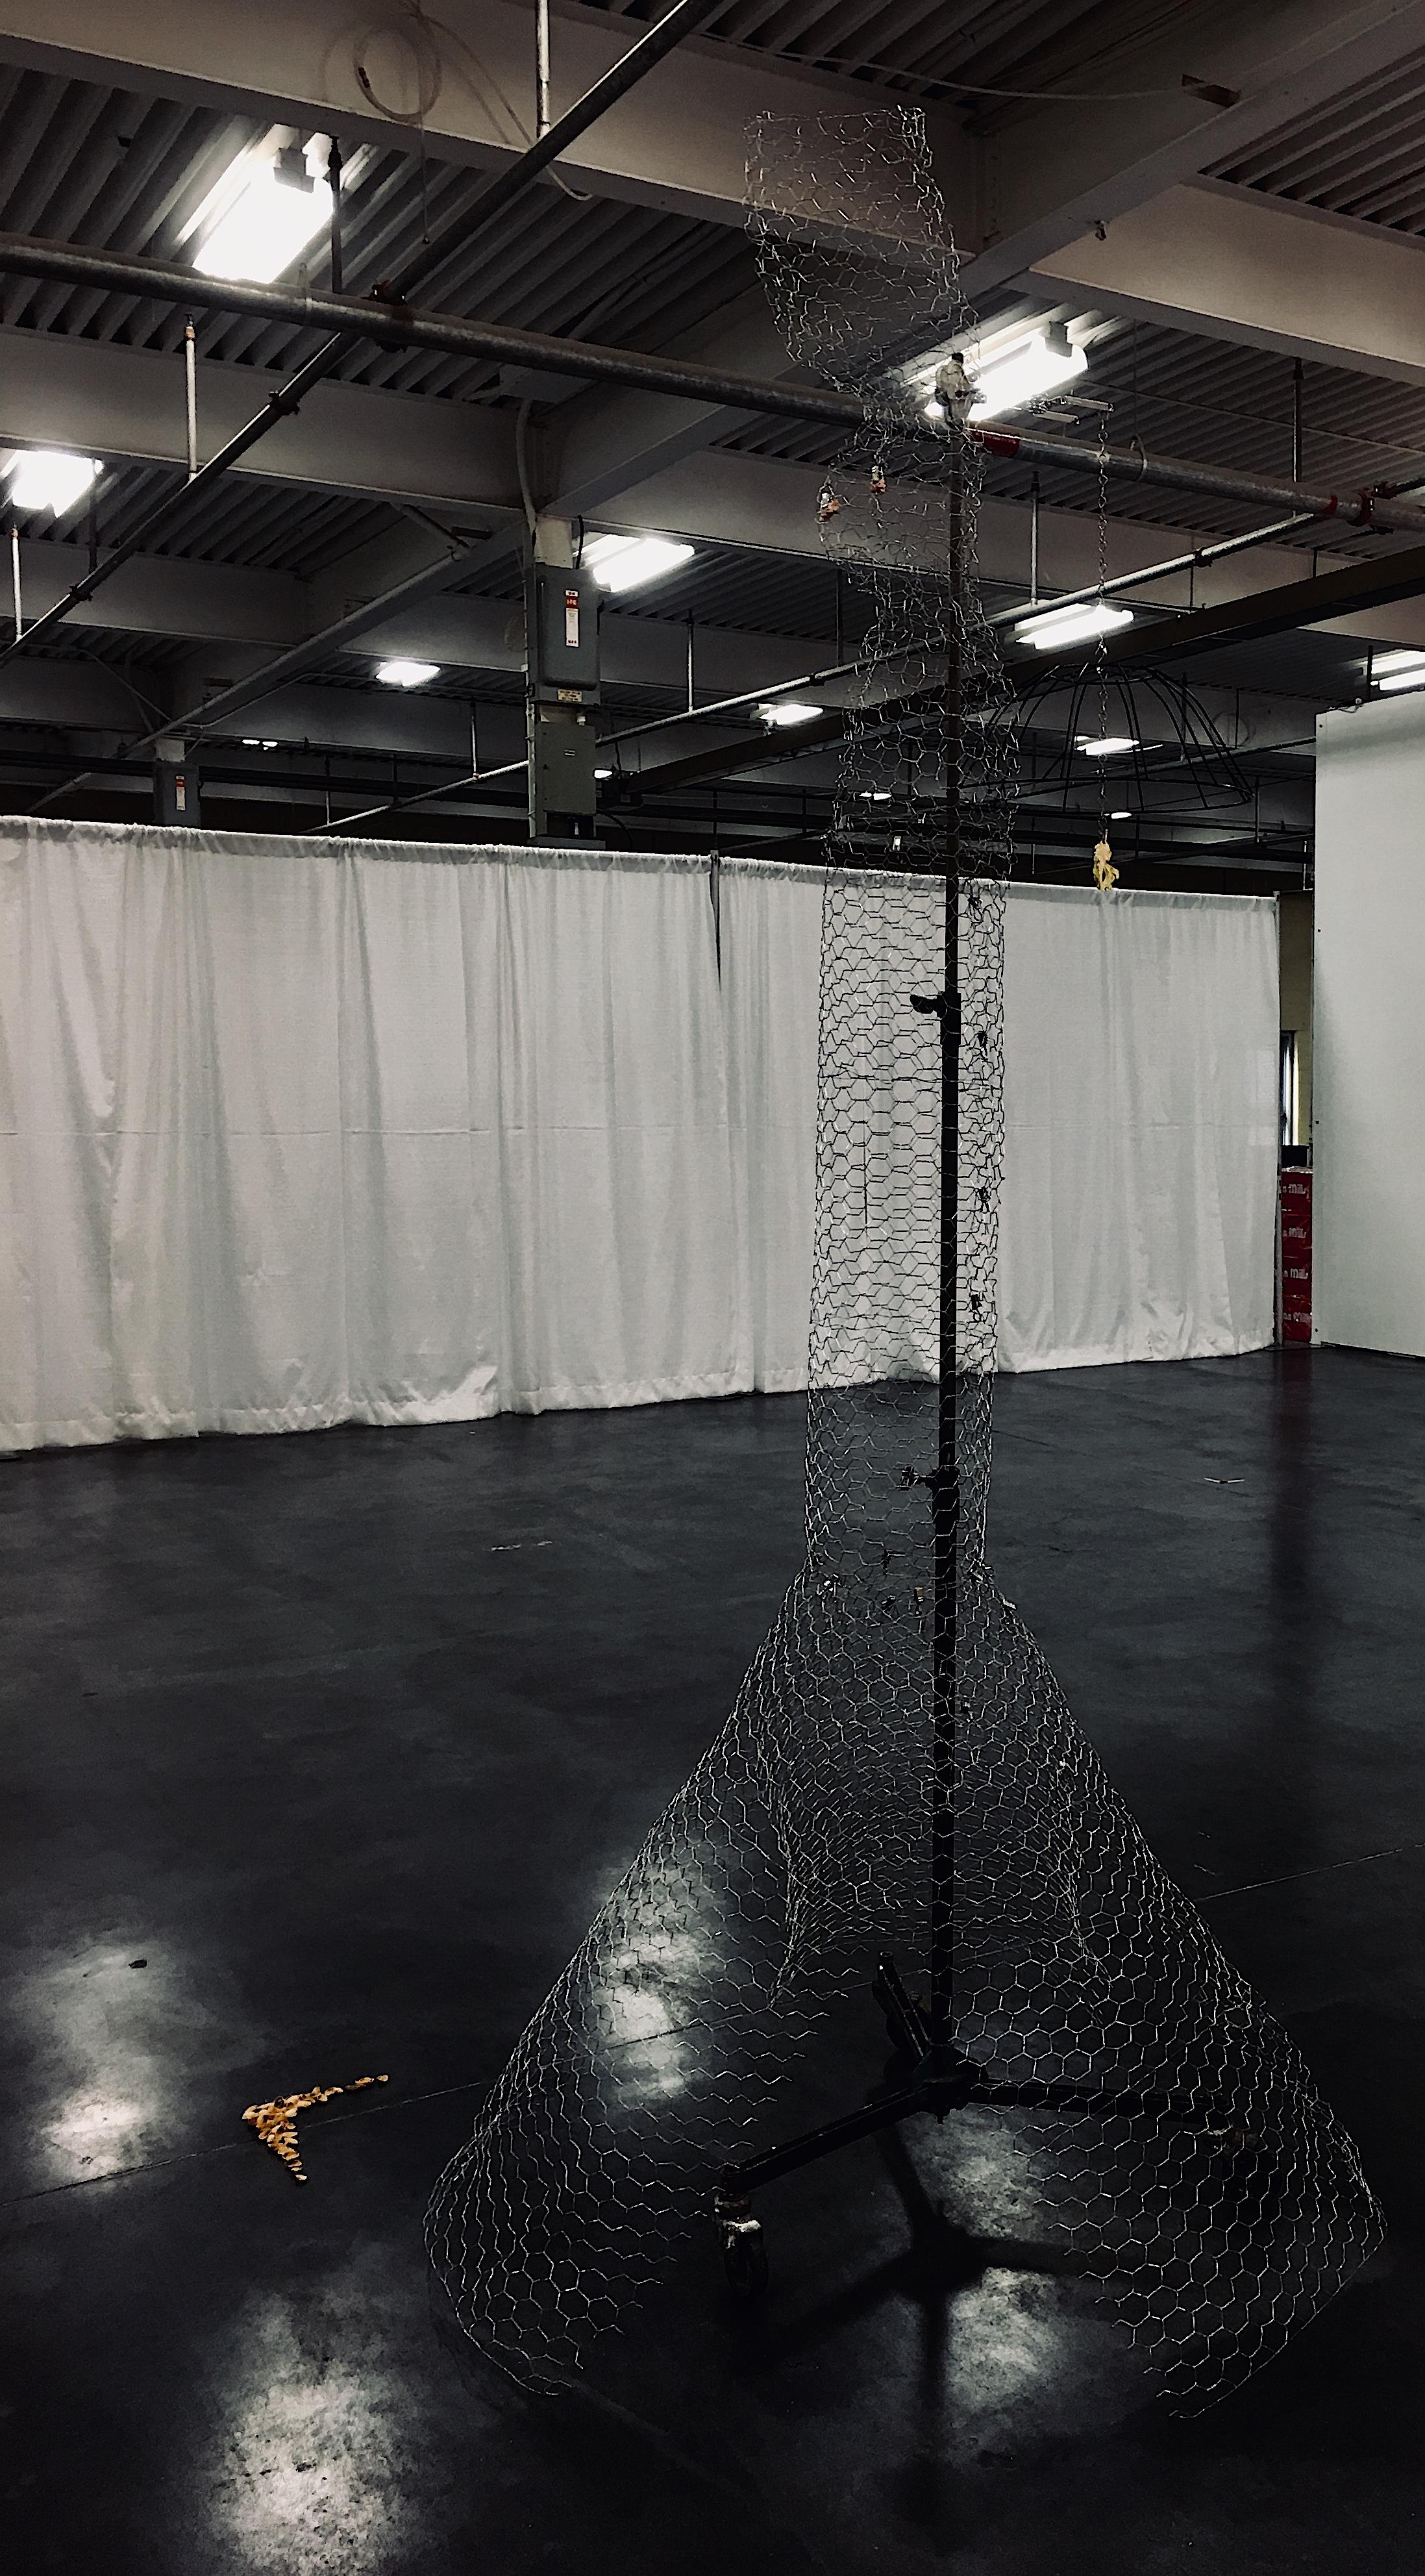 FEMME AU CHAPEAU JAUNE À LA DÉRIVE, 2019. Installation DÉRIVES d'Anne-Marie Giroux à la foire d'art contemporain ARTIST PROJECT 2019 à Toronto.  WOMAN WITH YELLOW HAT DRIFTING, 2019. Anne-Marie Giroux's Installation DRIFTS at contemporary art fair ARTIST PROJECT 2019 in Toronto.